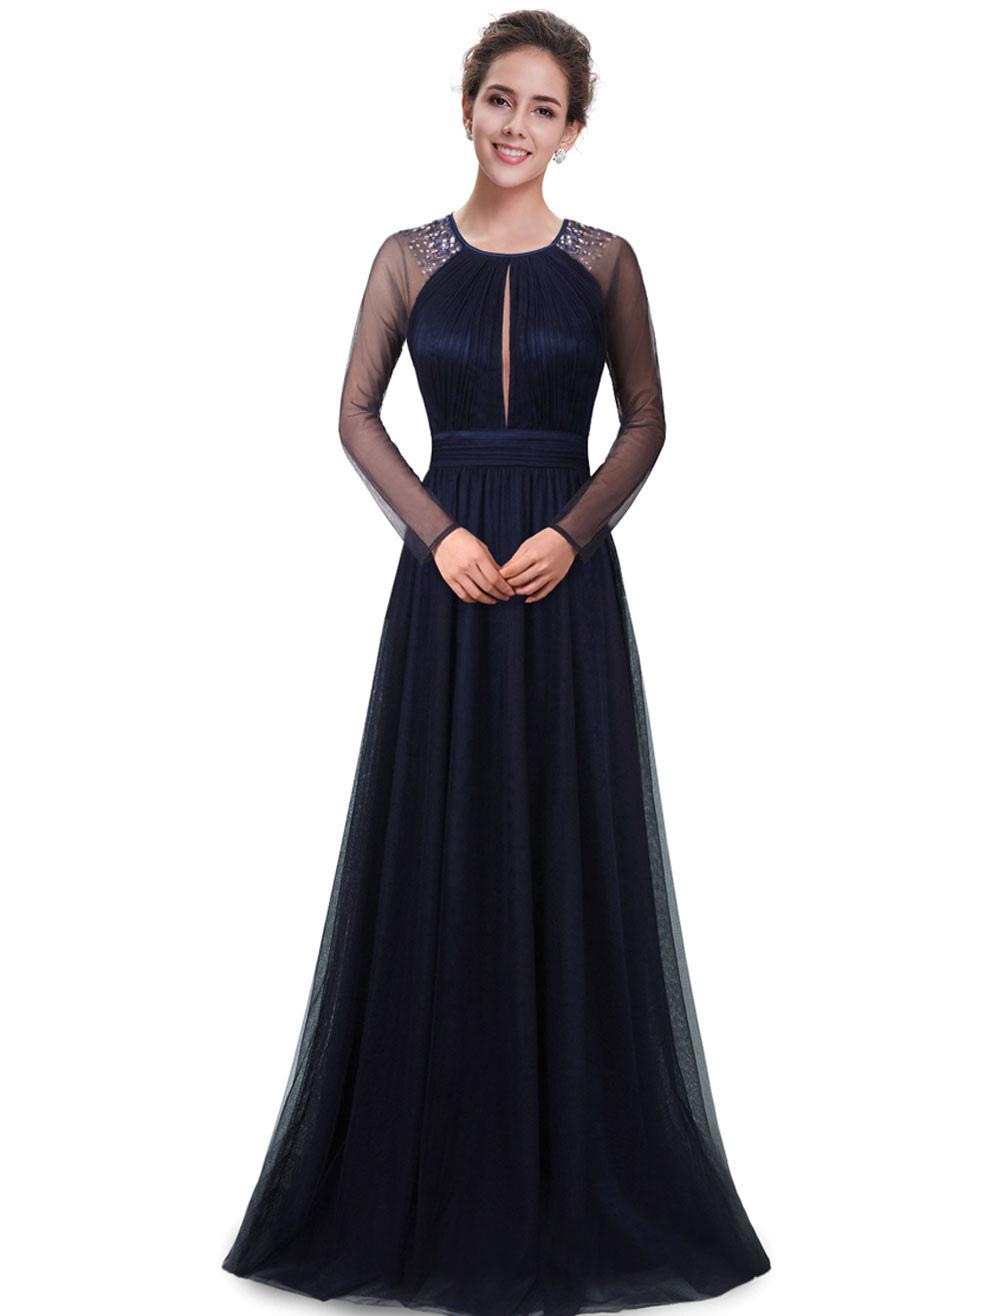 Brautmutterkleider A-Linie- Abendkleider für Hochzeit Königsblau  Abendkleider Tüll mit Rundkragen Hochzeit bodenlang Langarm und  Reißverschluss